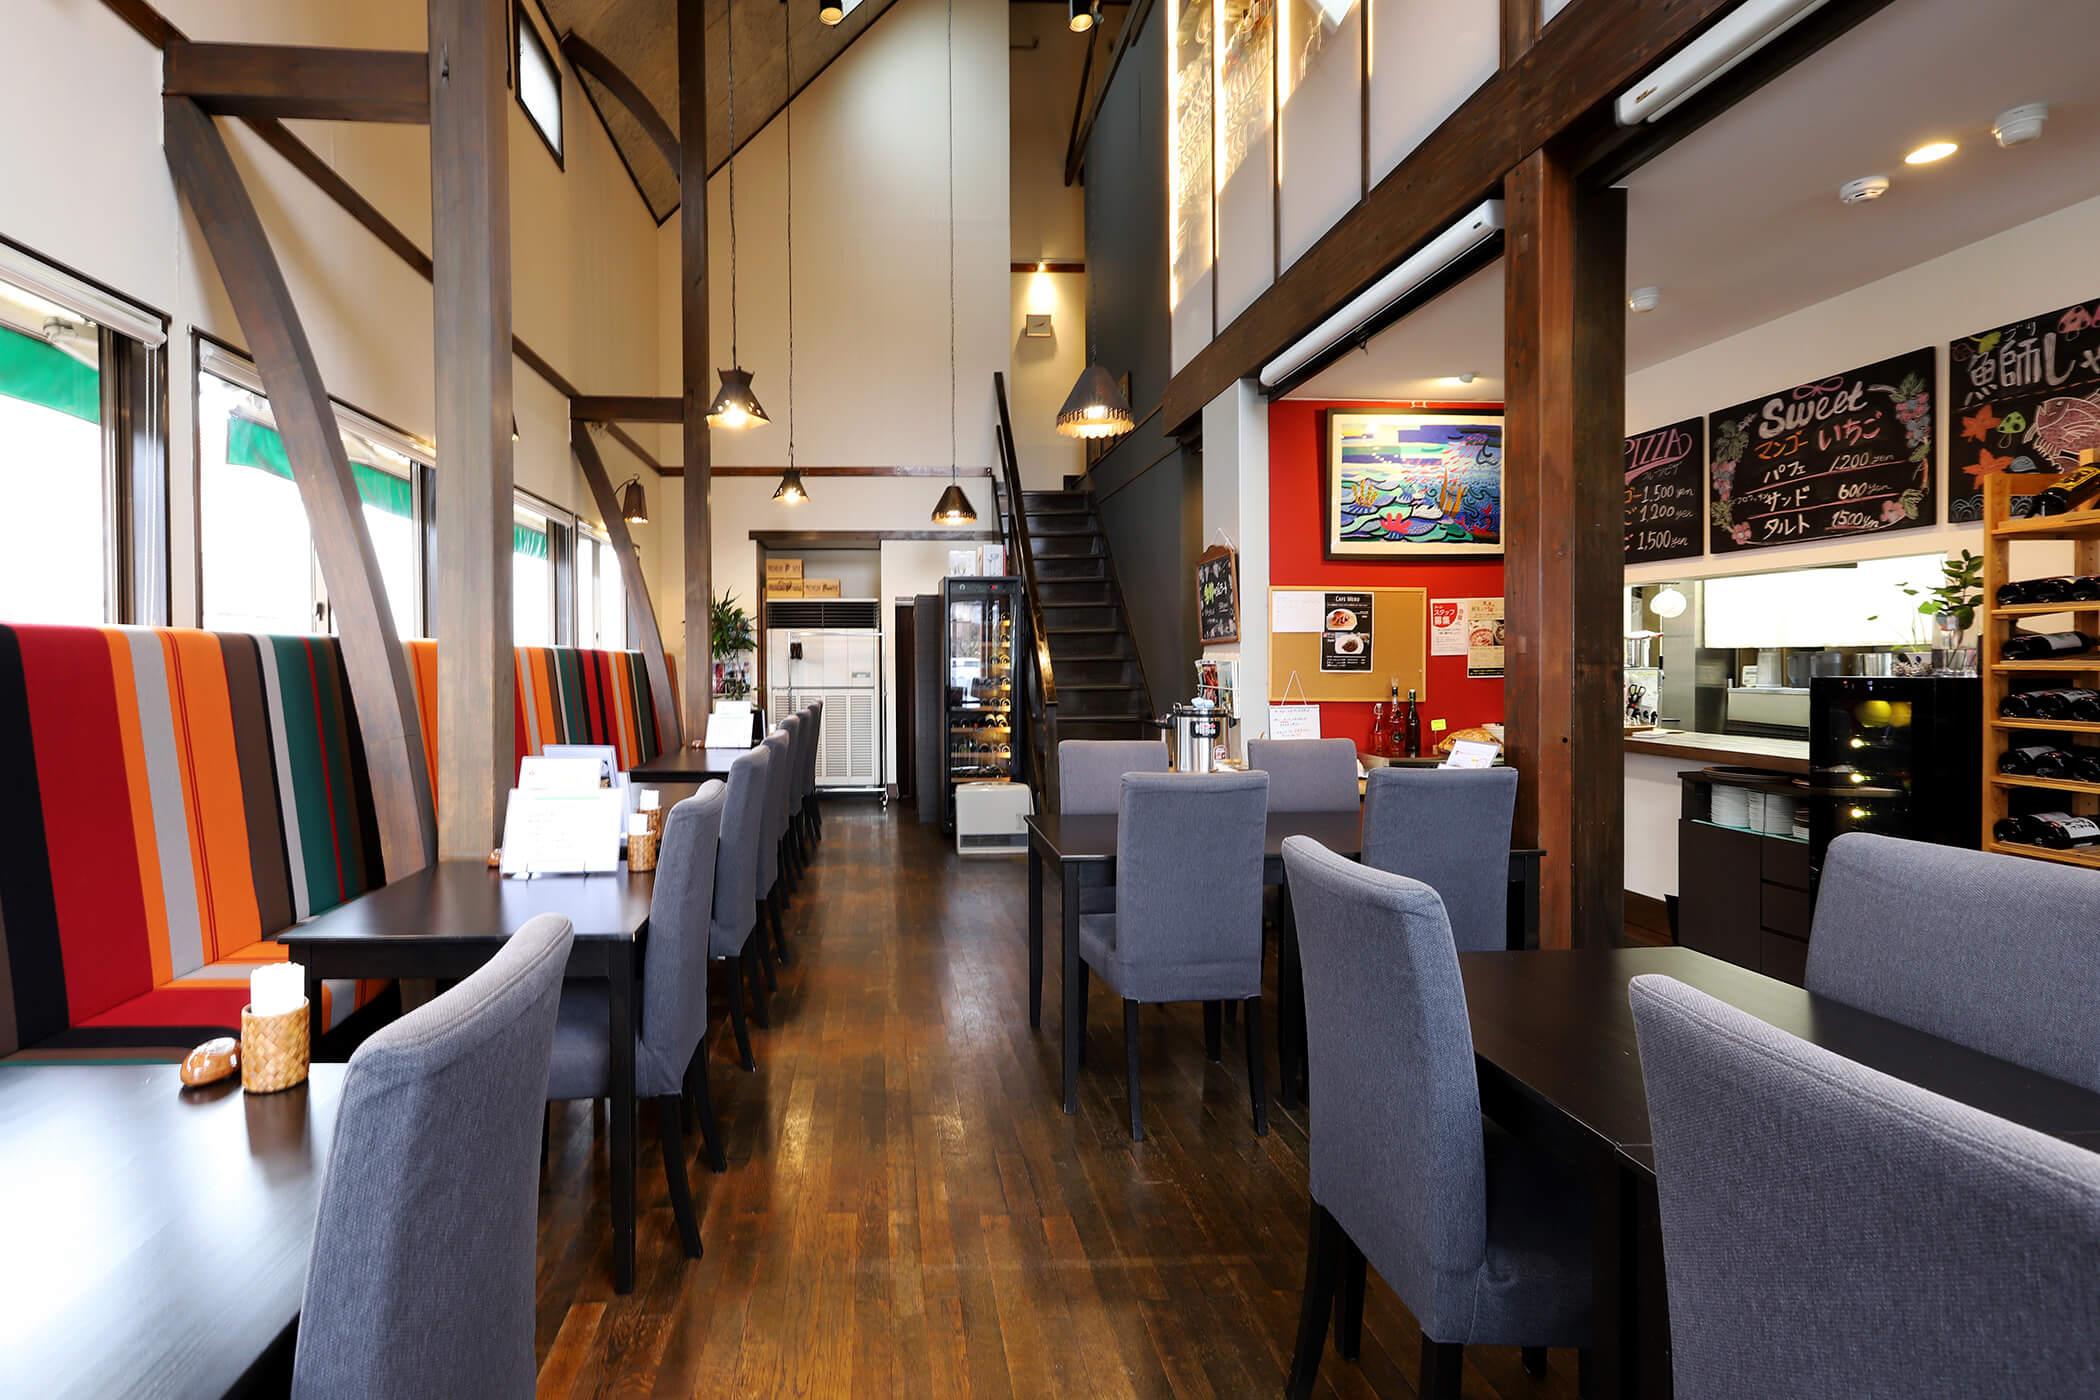 ダイニングレストラン ASYLE 写真2